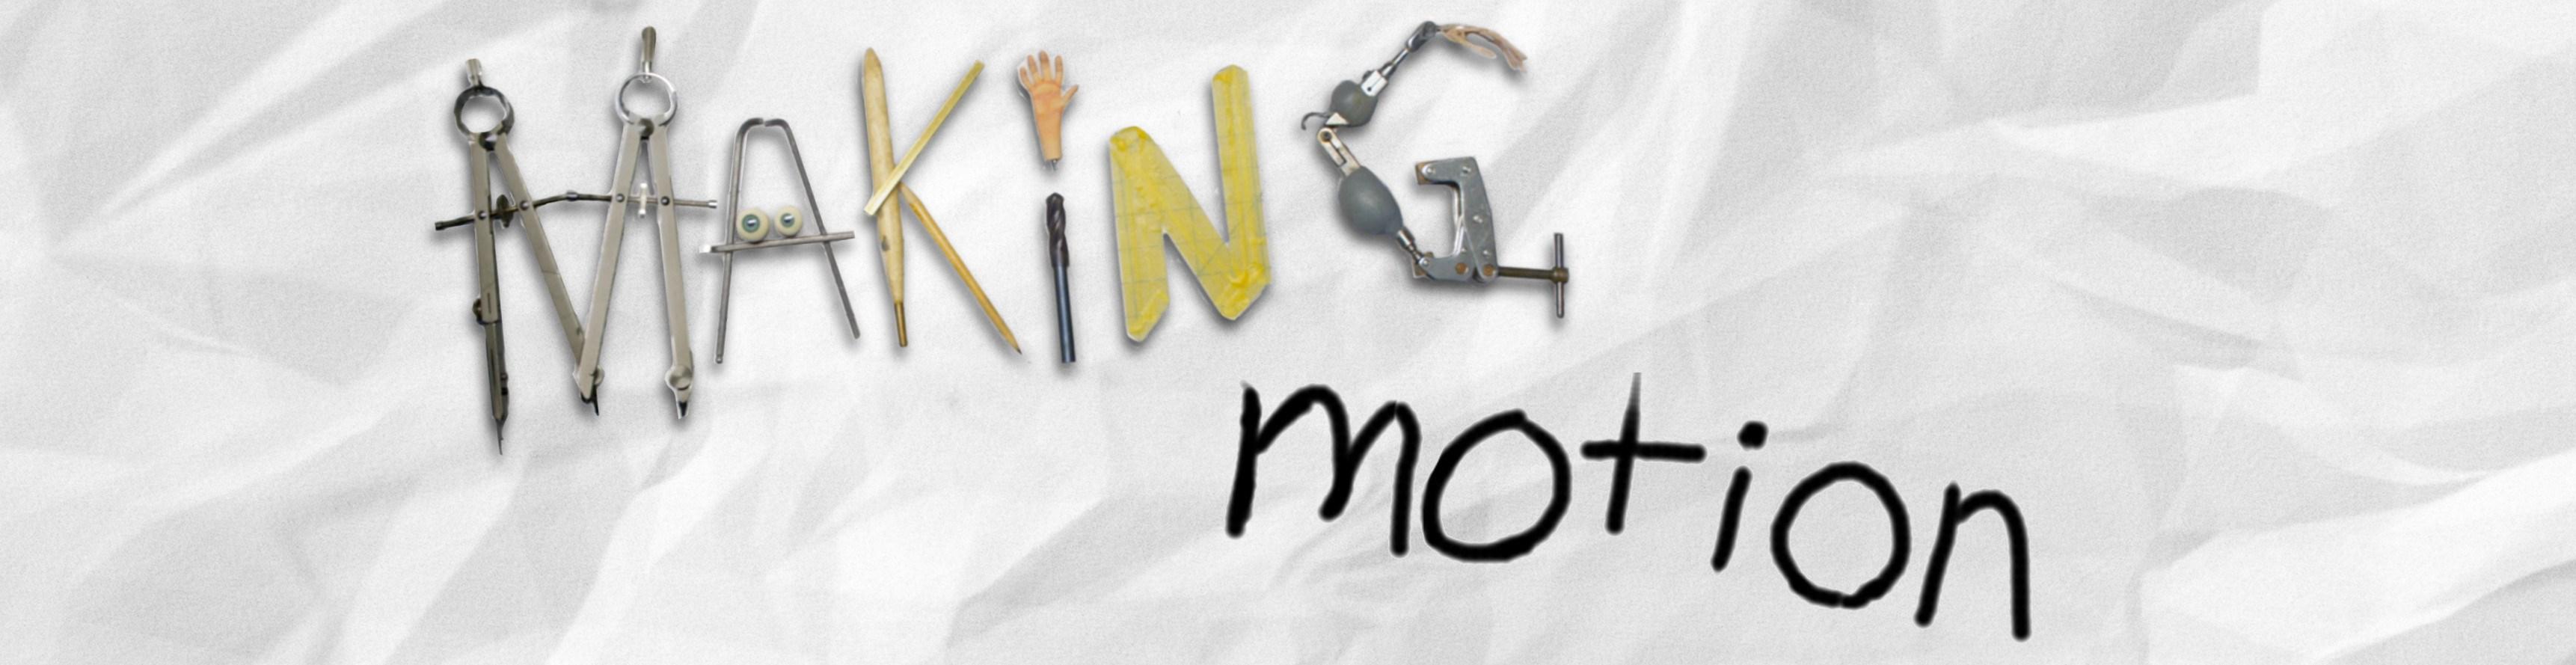 making motion